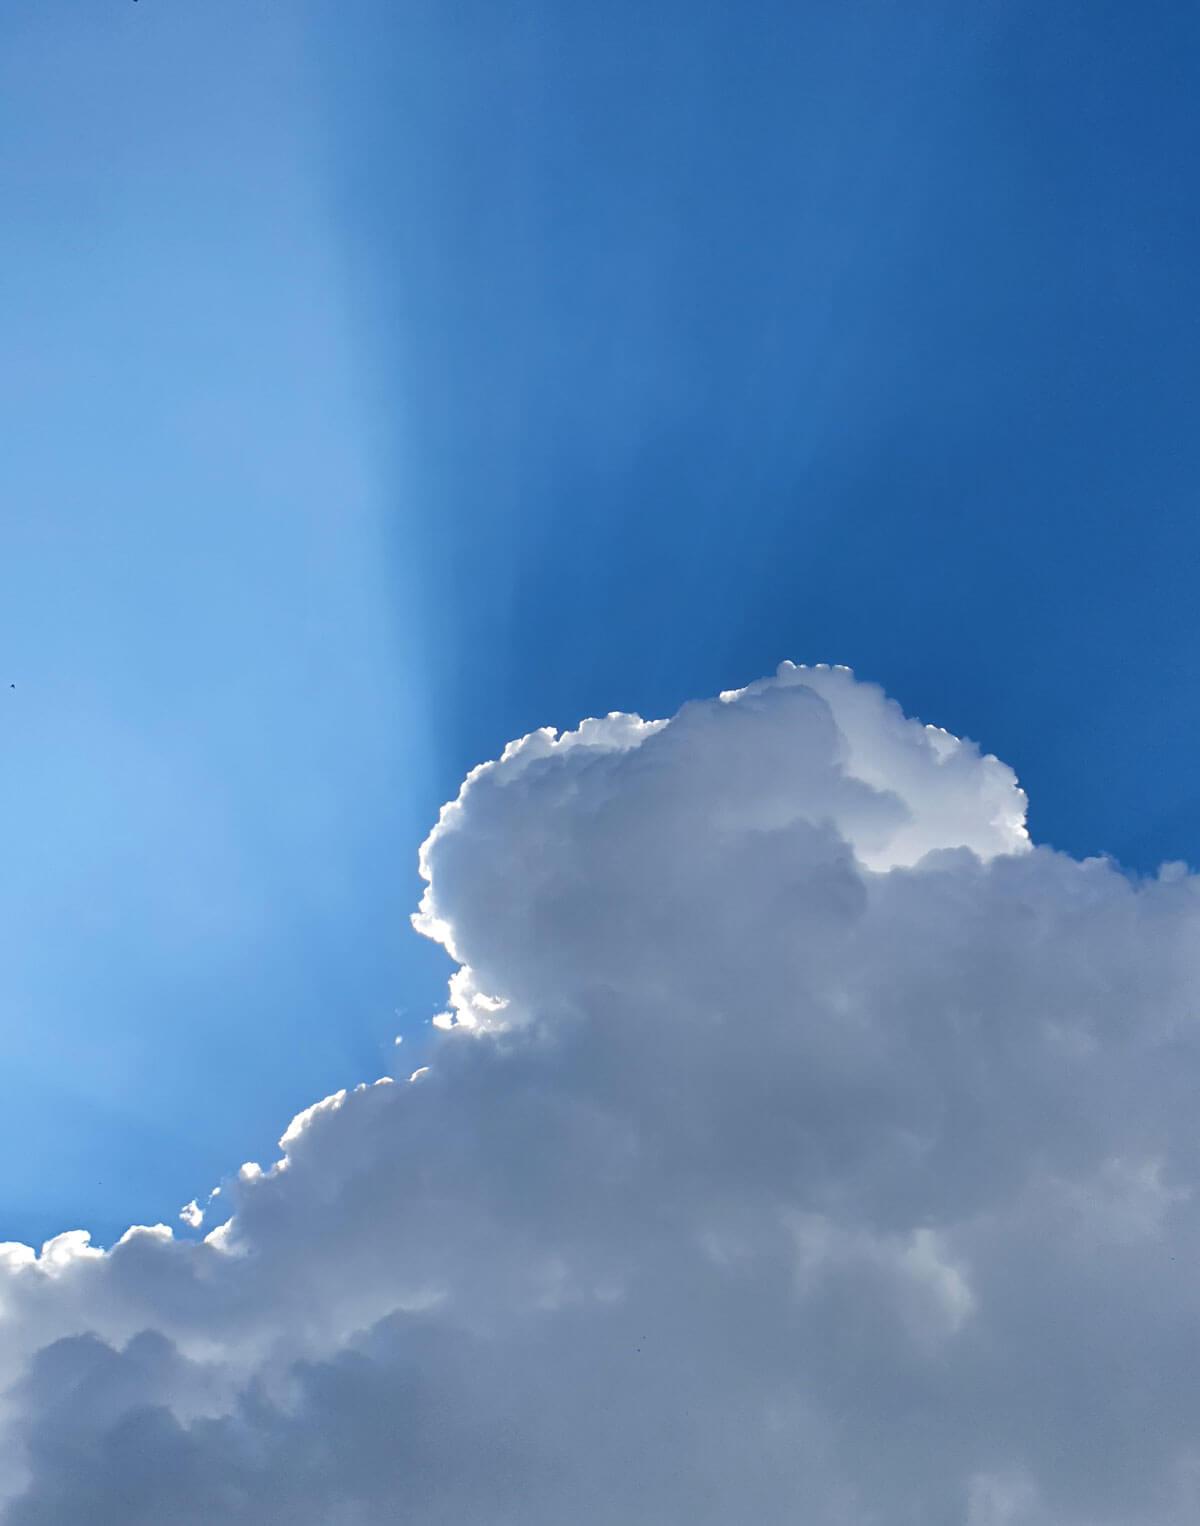 Weiße Wolke in blauem Himmel